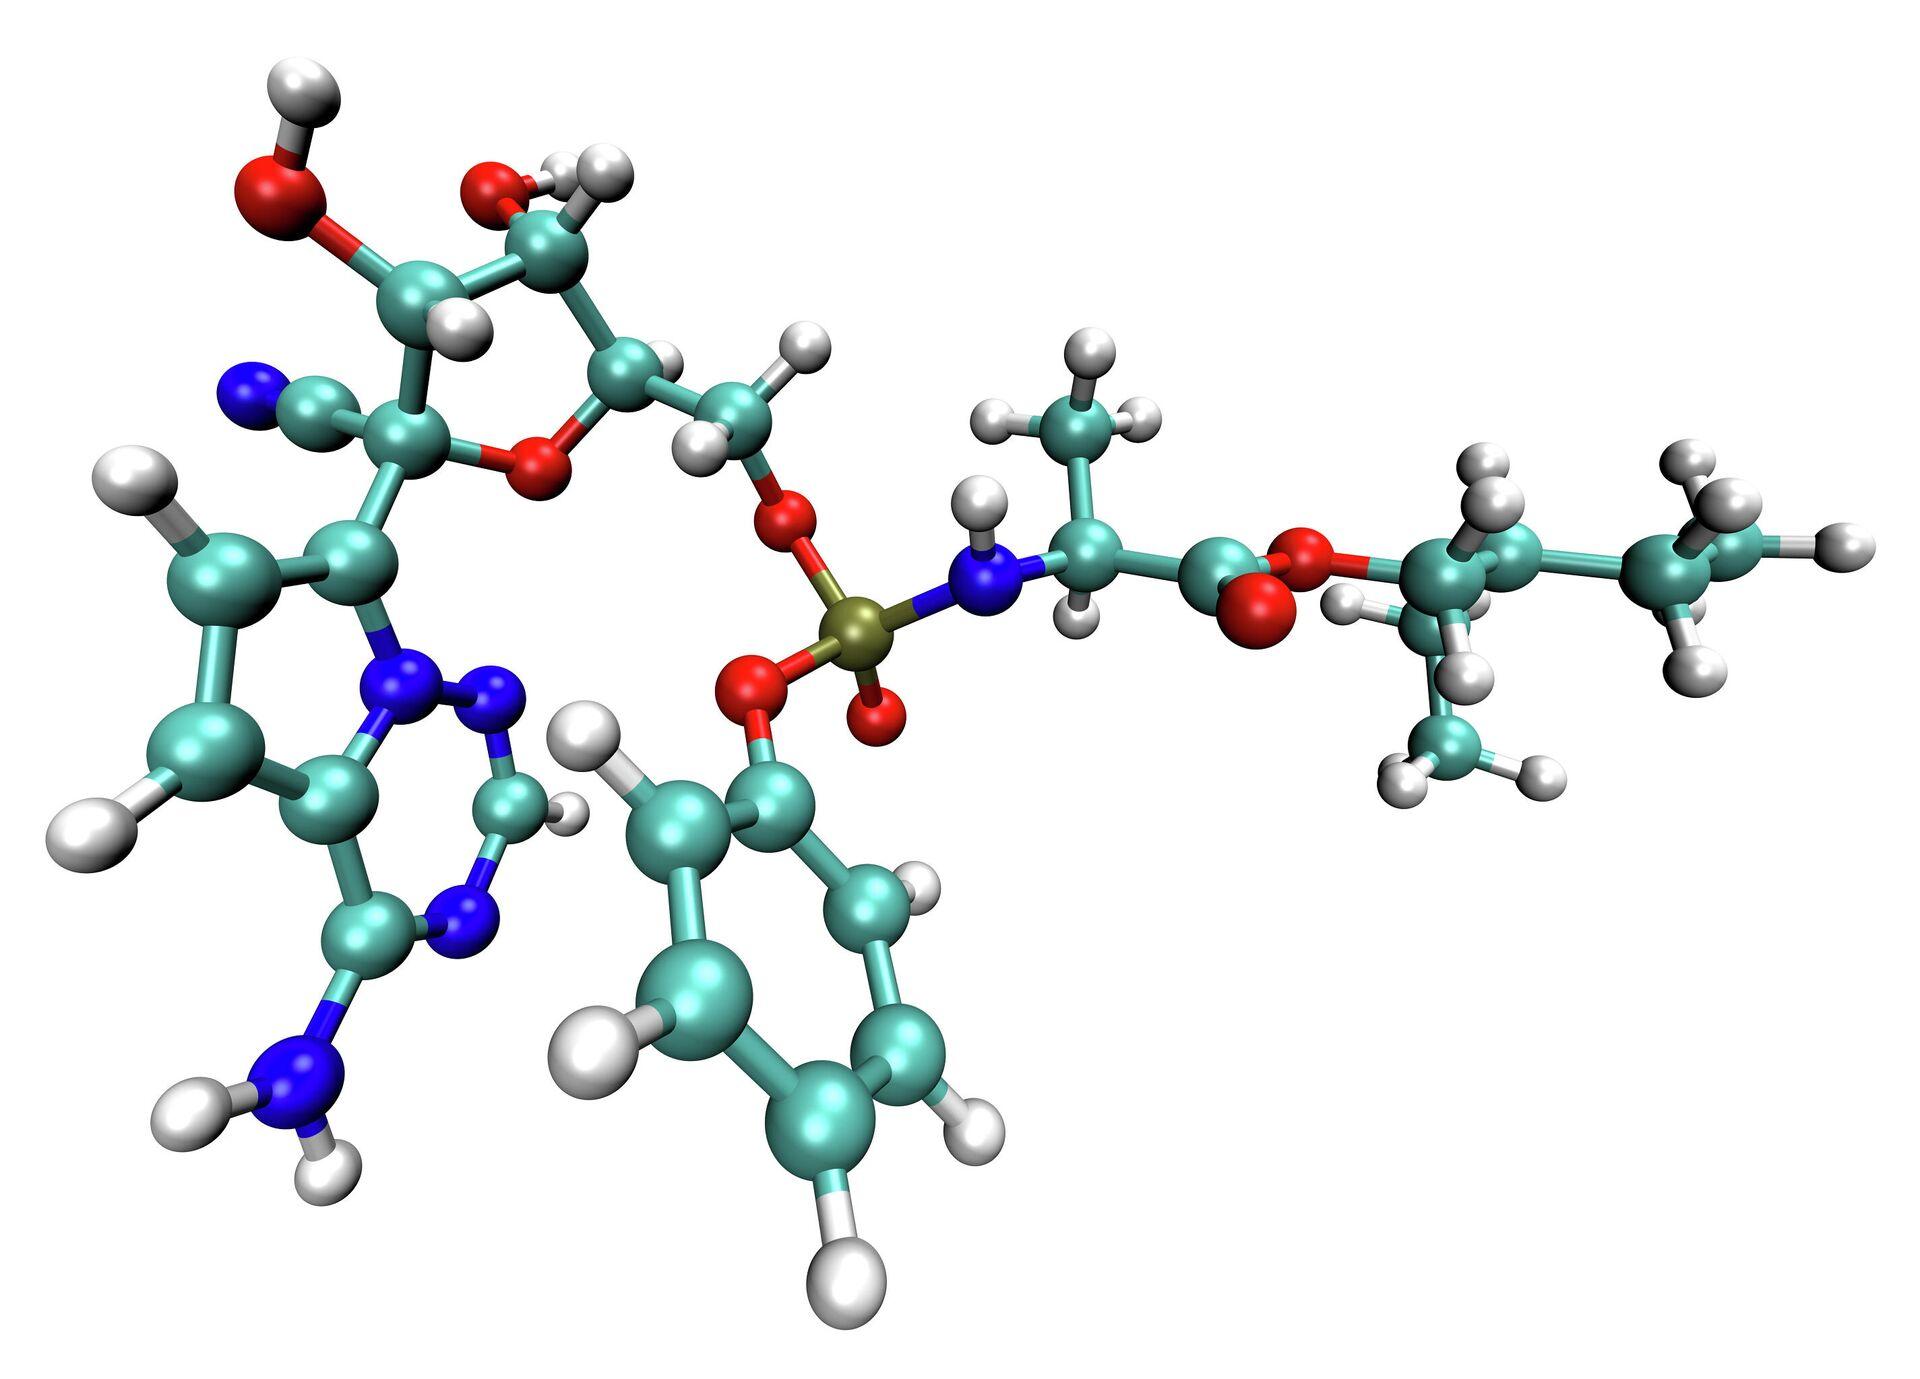 Мексика одобрила экстренное применение ремдесивира при лечении COVID-19